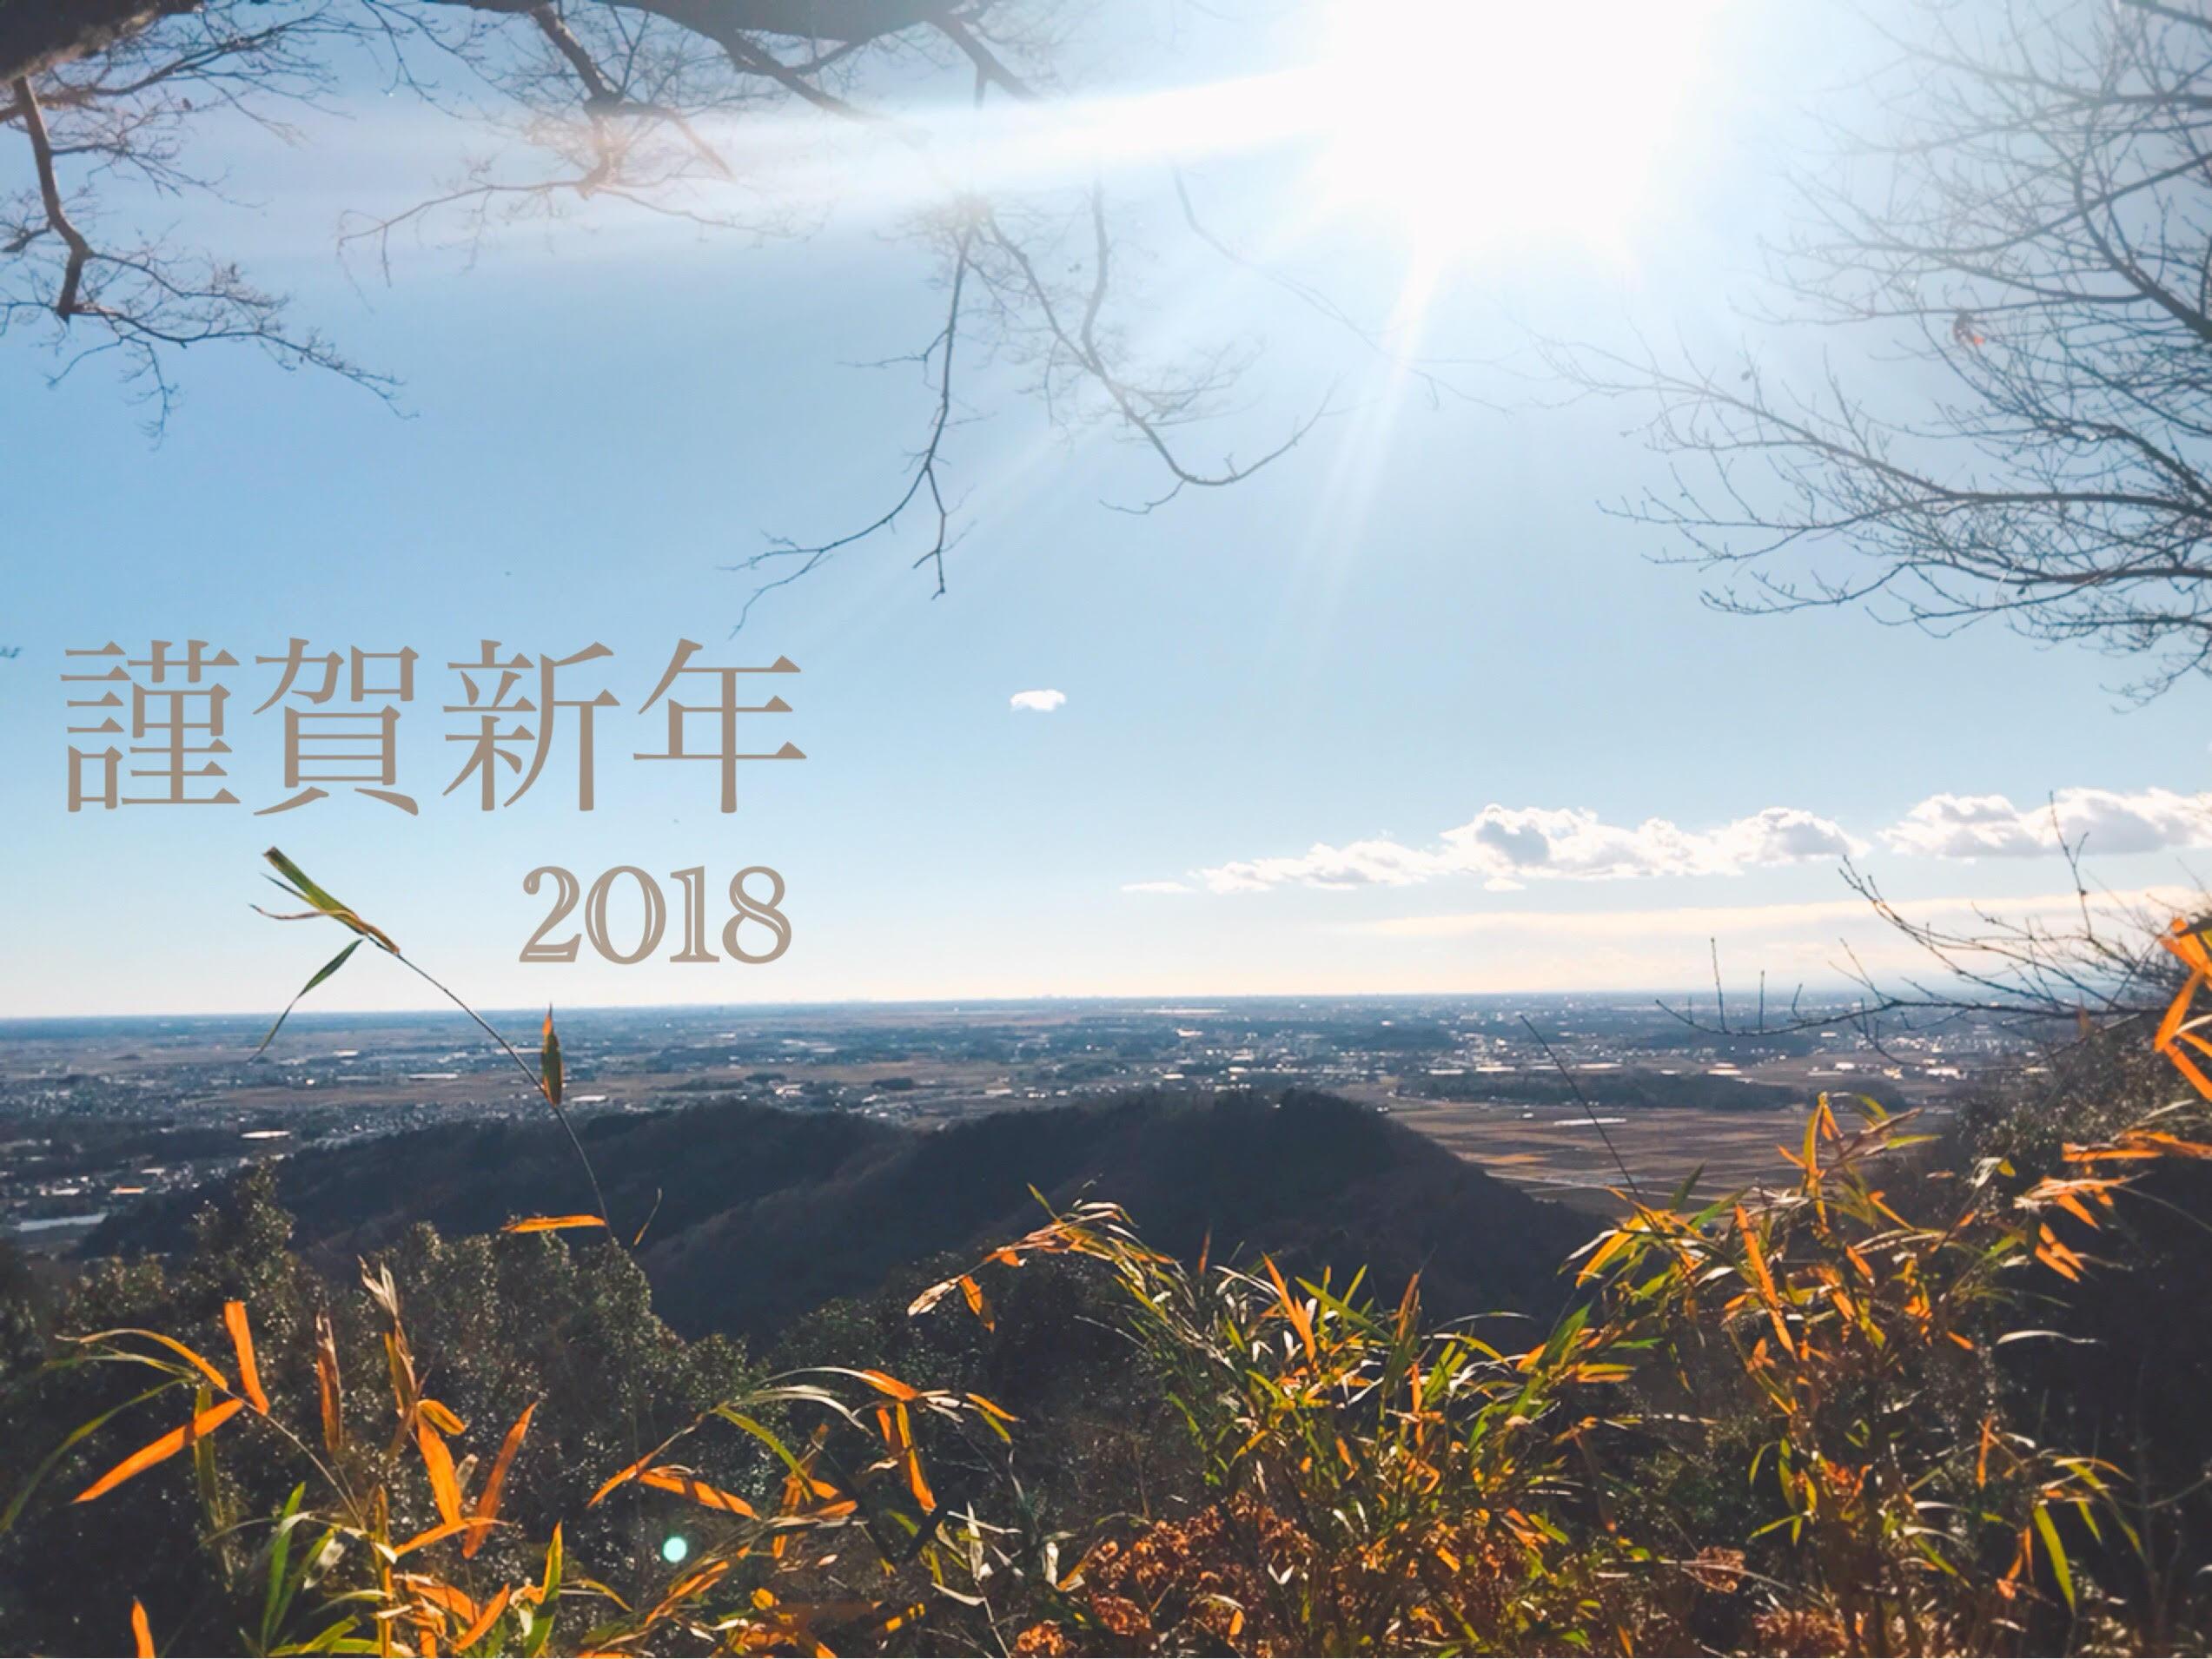 【新卒ブログ】あけましておめでとうございます!(山口)